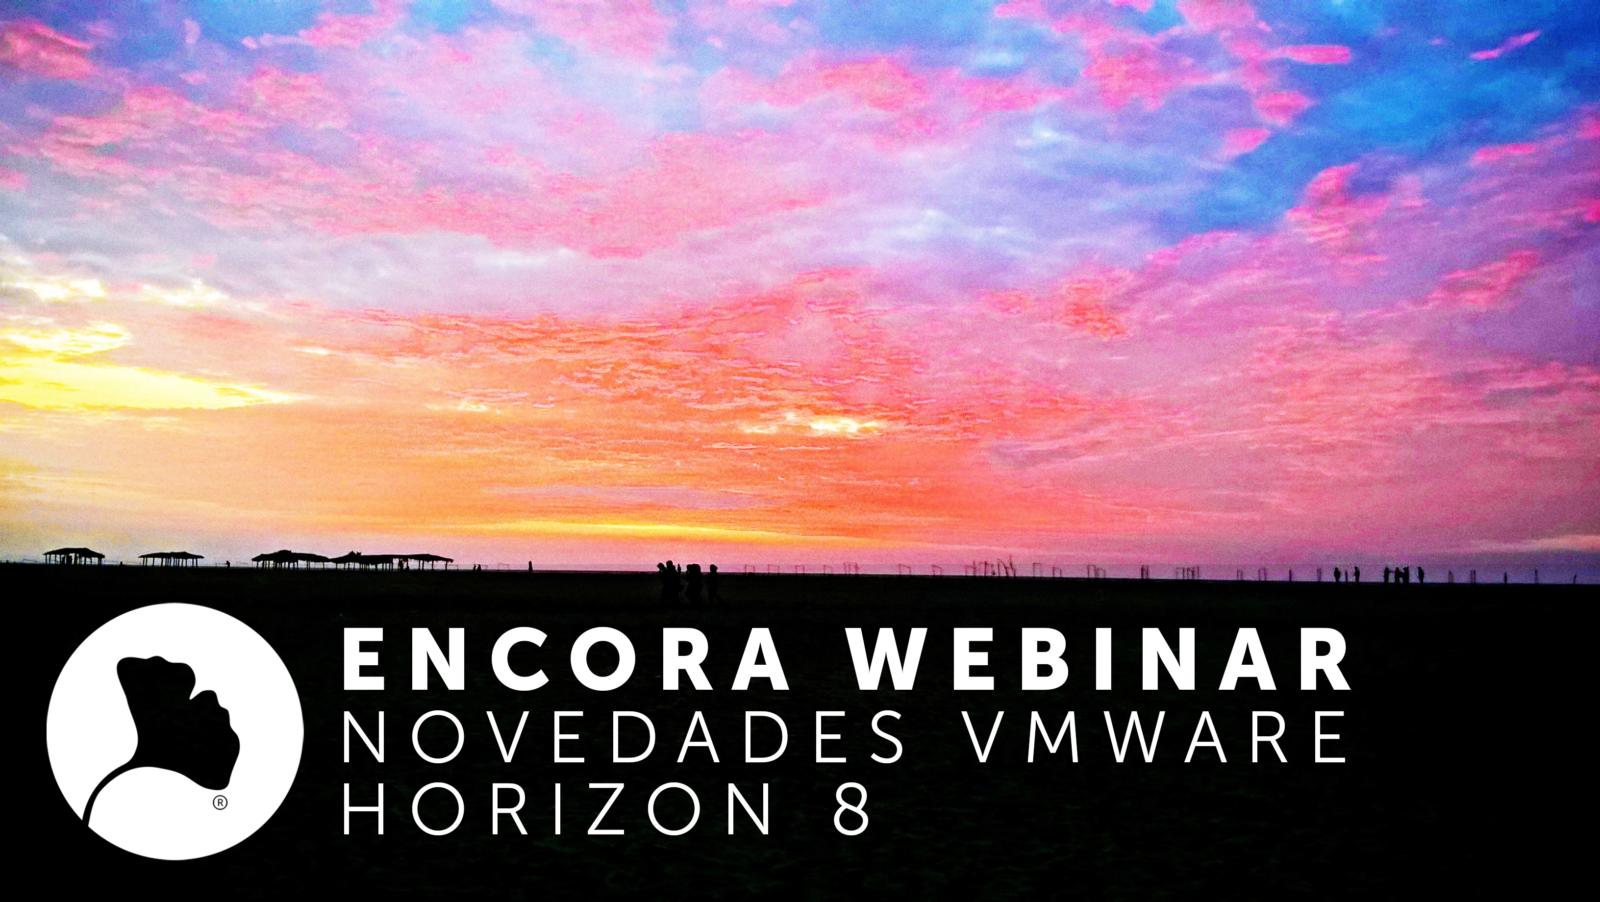 Encora Webinar Novedades VMware Horizon 8